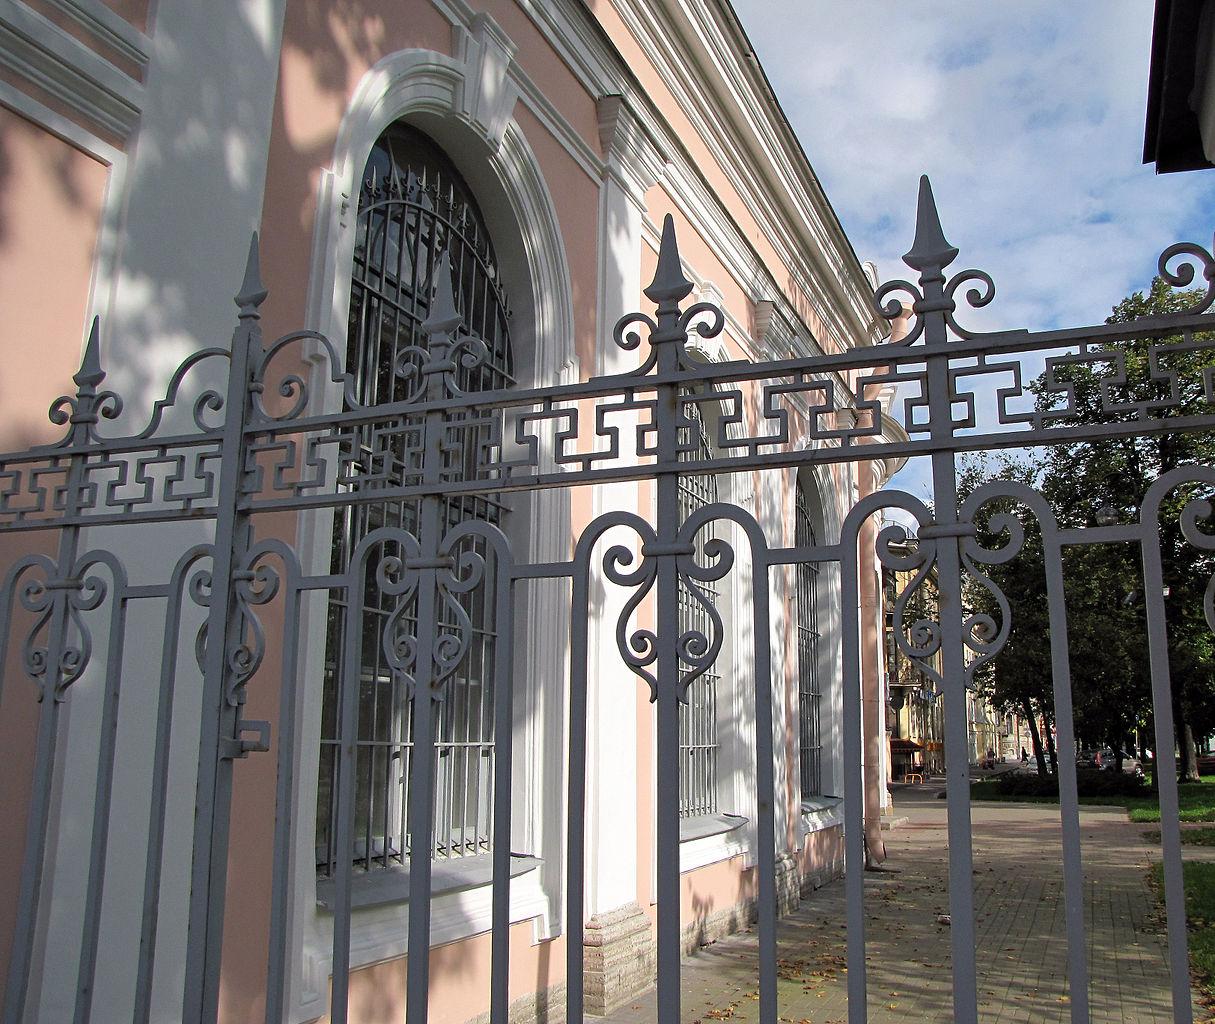 Андреевский собор Санкт-Петербурга, ограда храмового комплекса